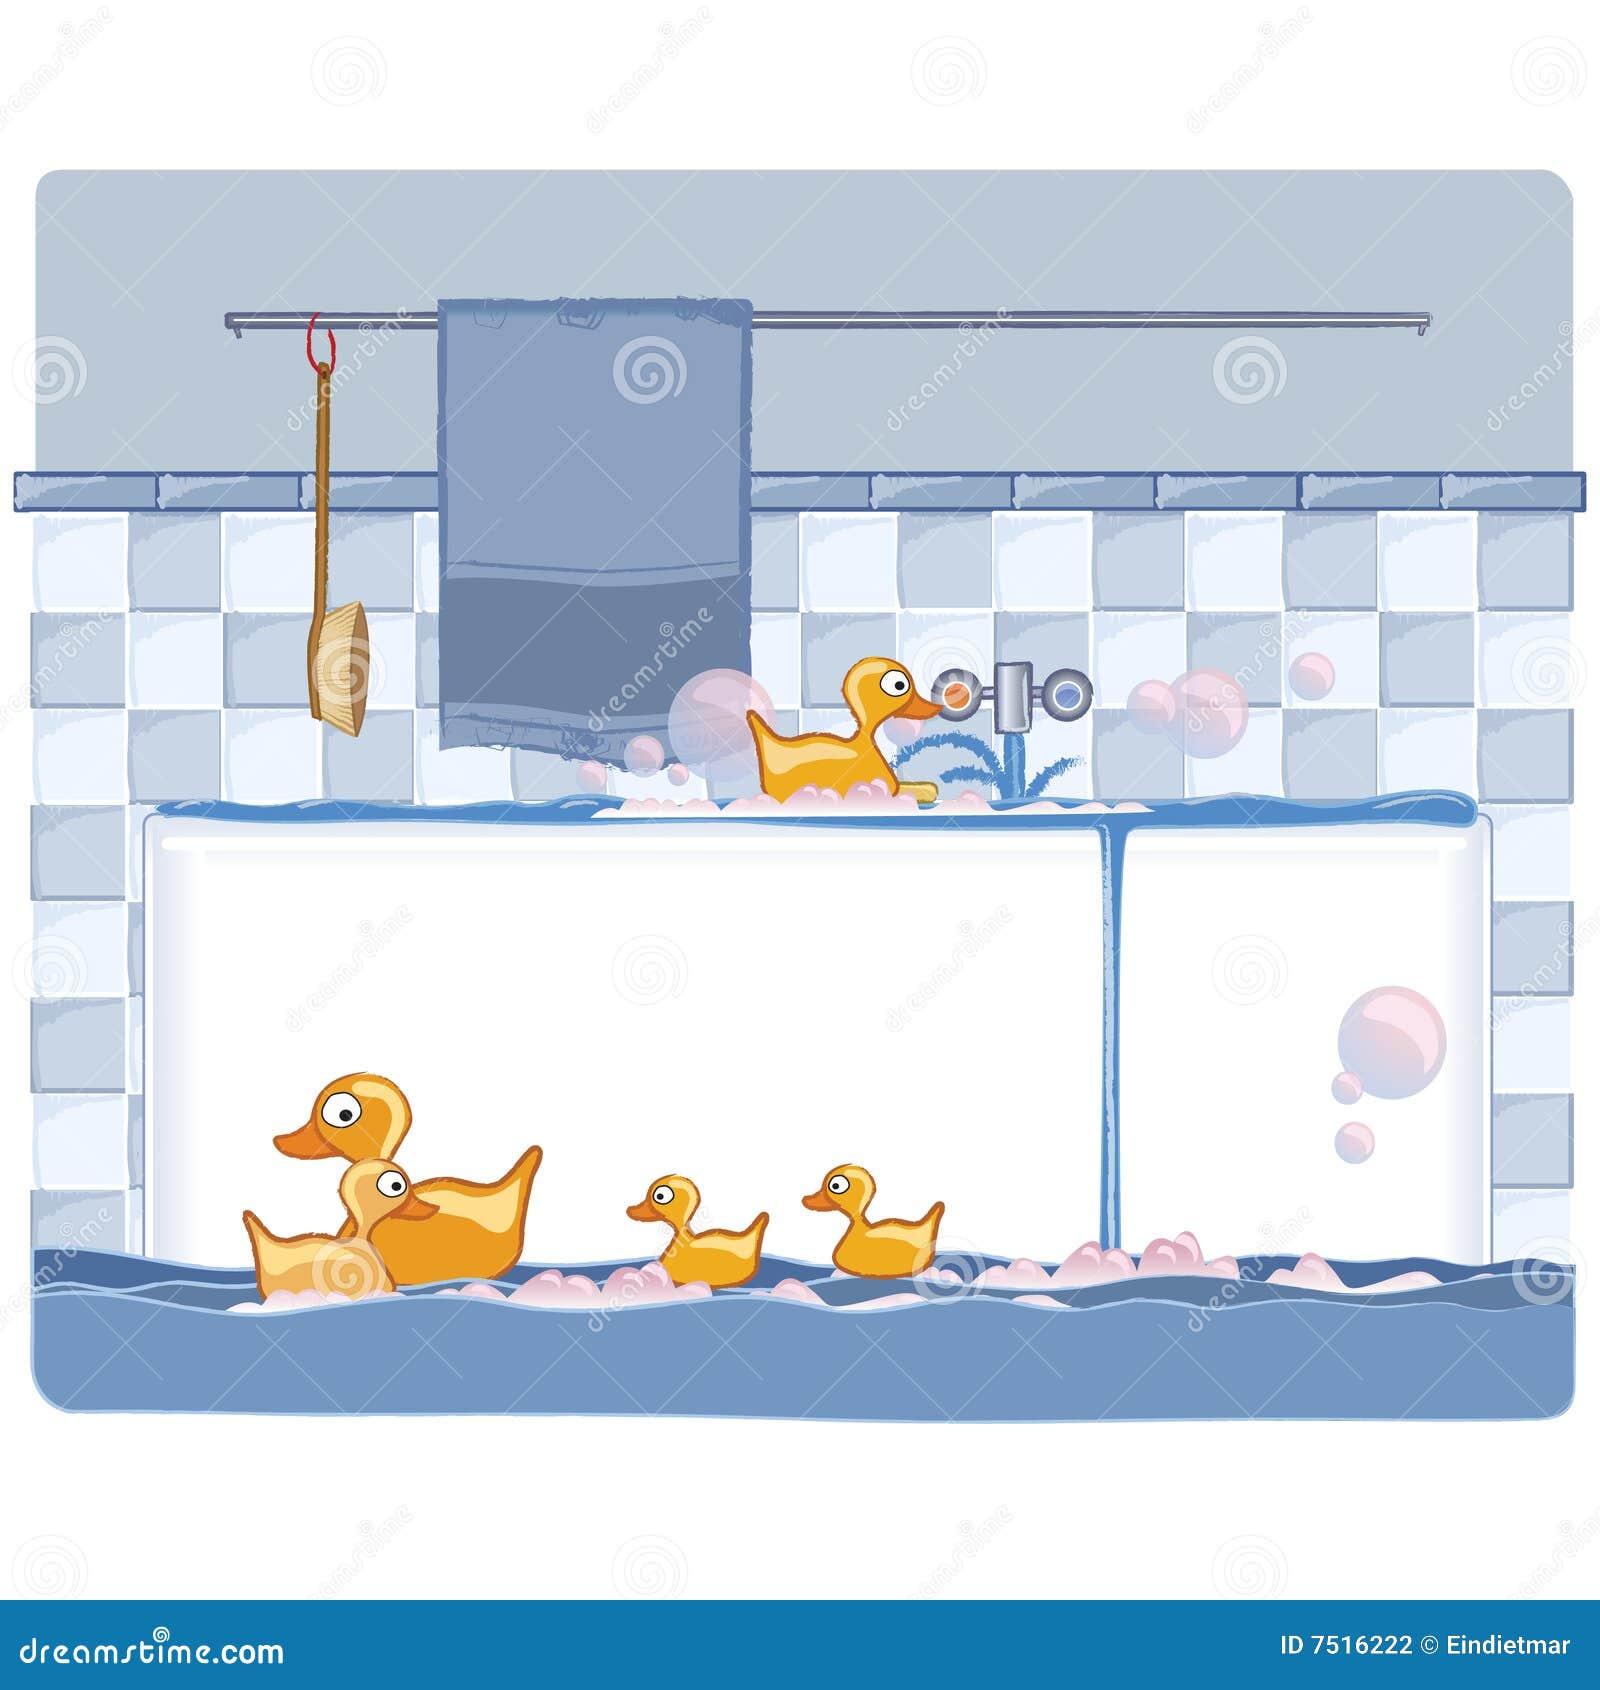 Bathroom with ducks stock illustration illustration of for Badezimmer clipart